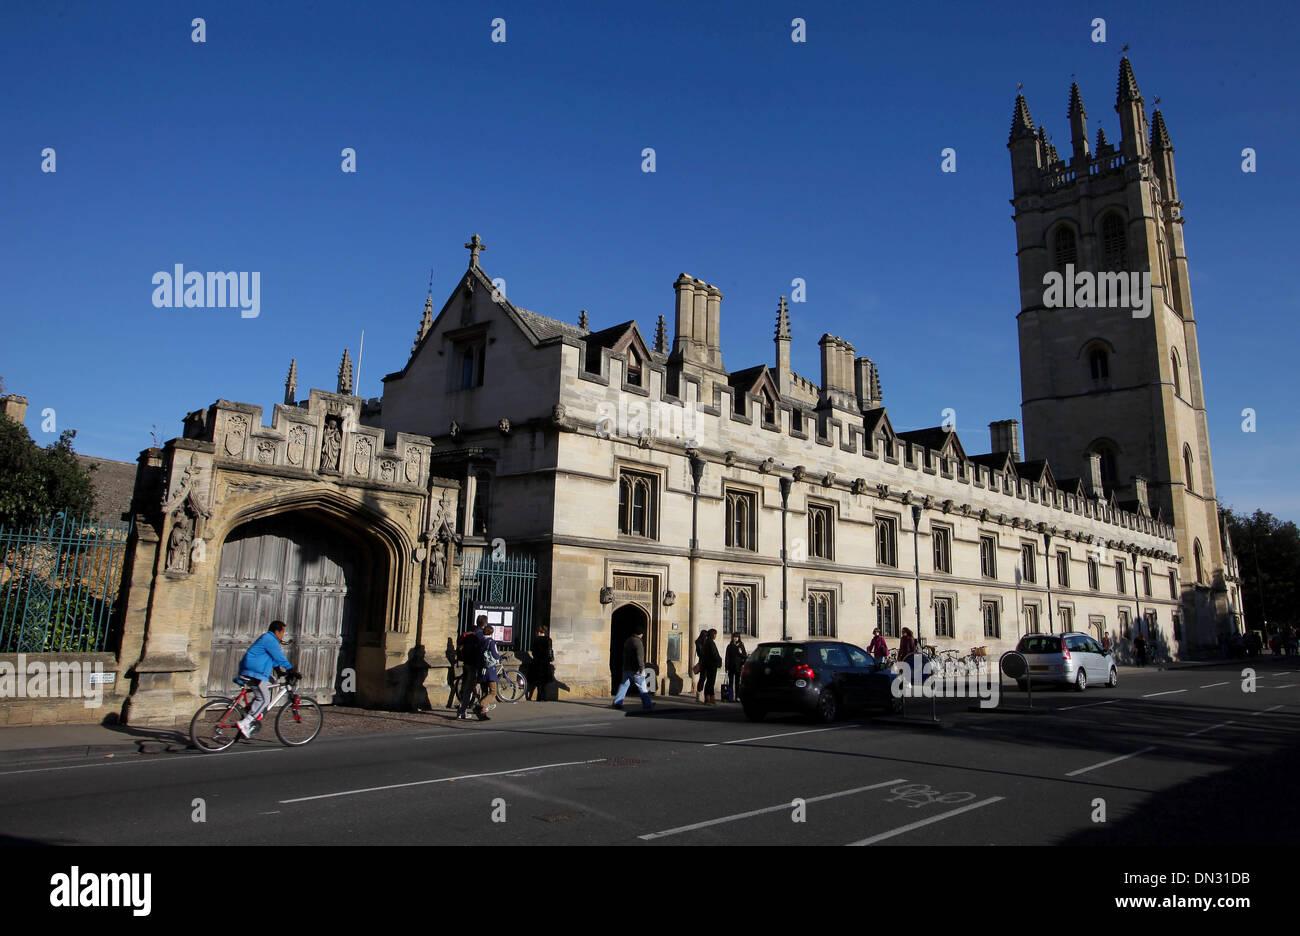 GV della storica Università di Oxford edificio. Immagini Stock